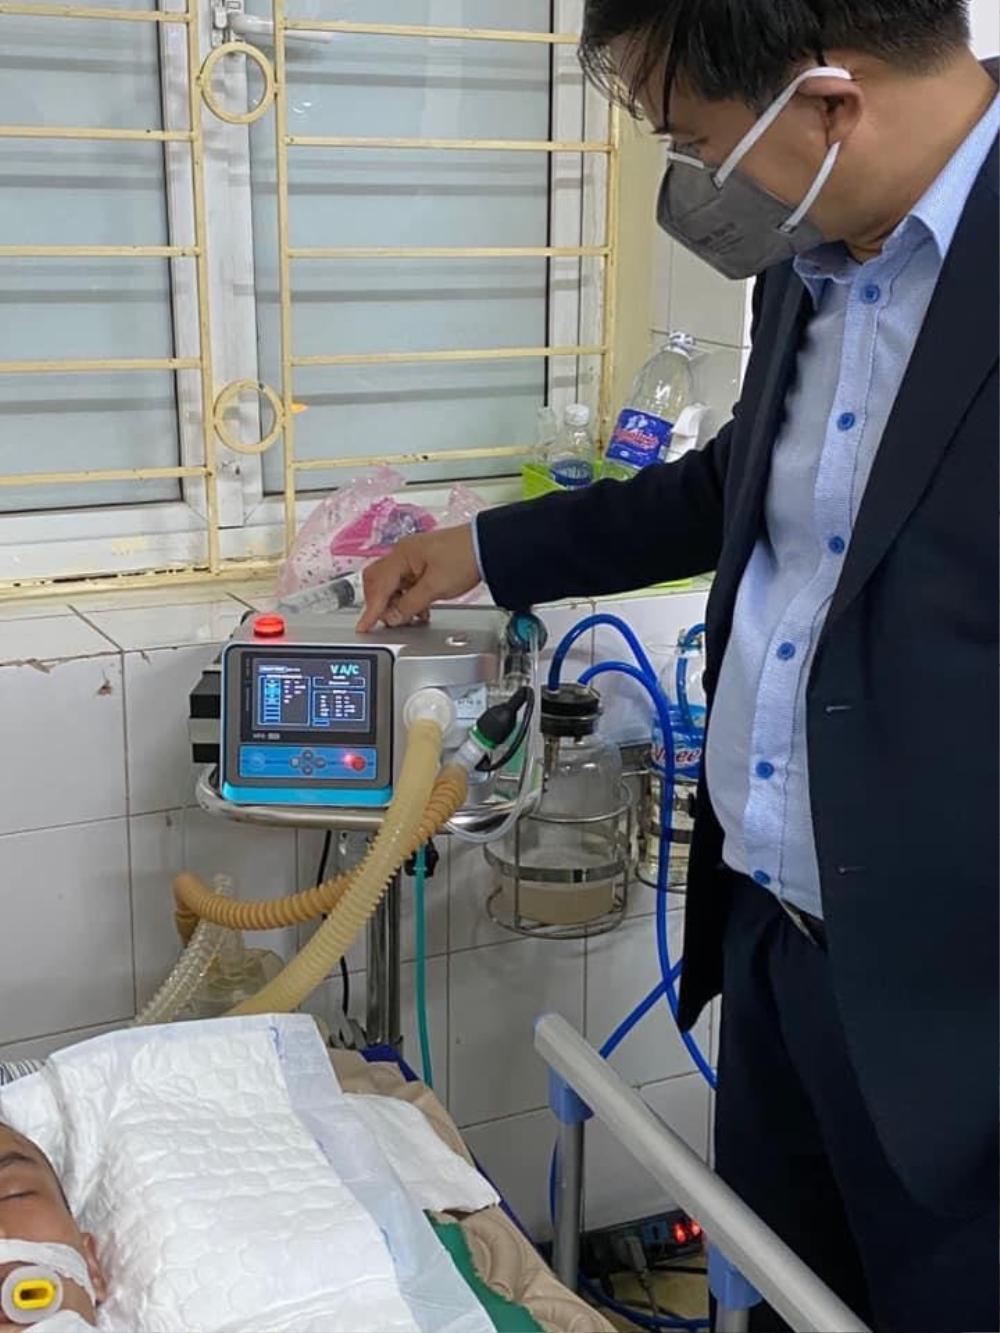 Bệnh viện Bạch Mai khẩn cấp hỗ trợ tỉnh Điện Biên chống dịch COVID-19 Ảnh 1